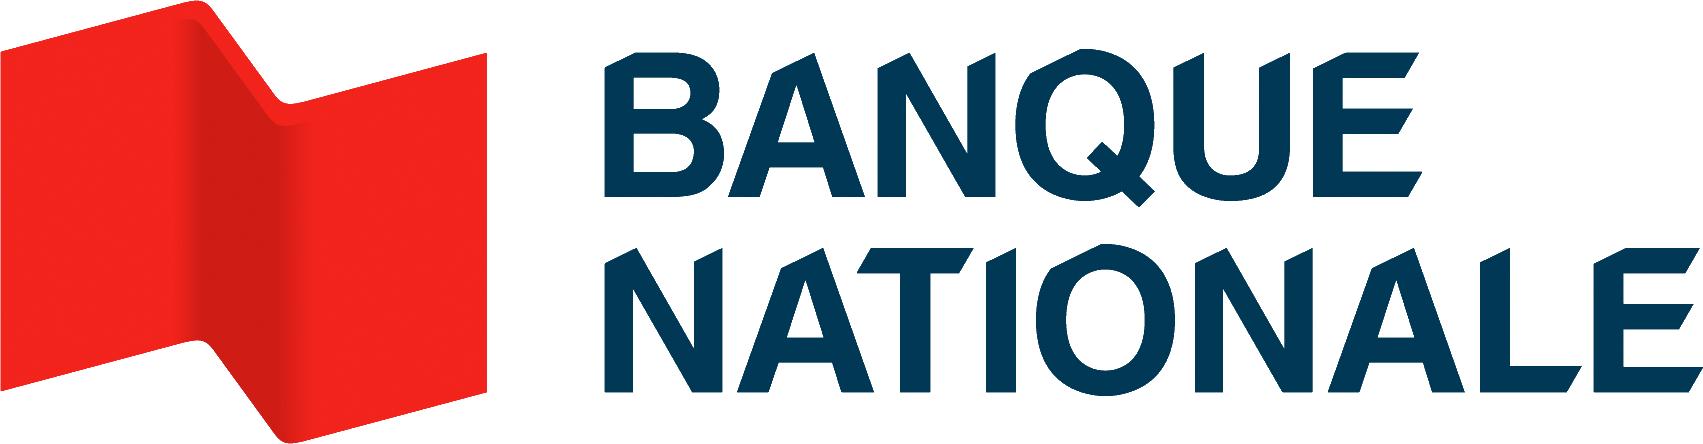 Banque Nationale Assurances Logo photo - 1